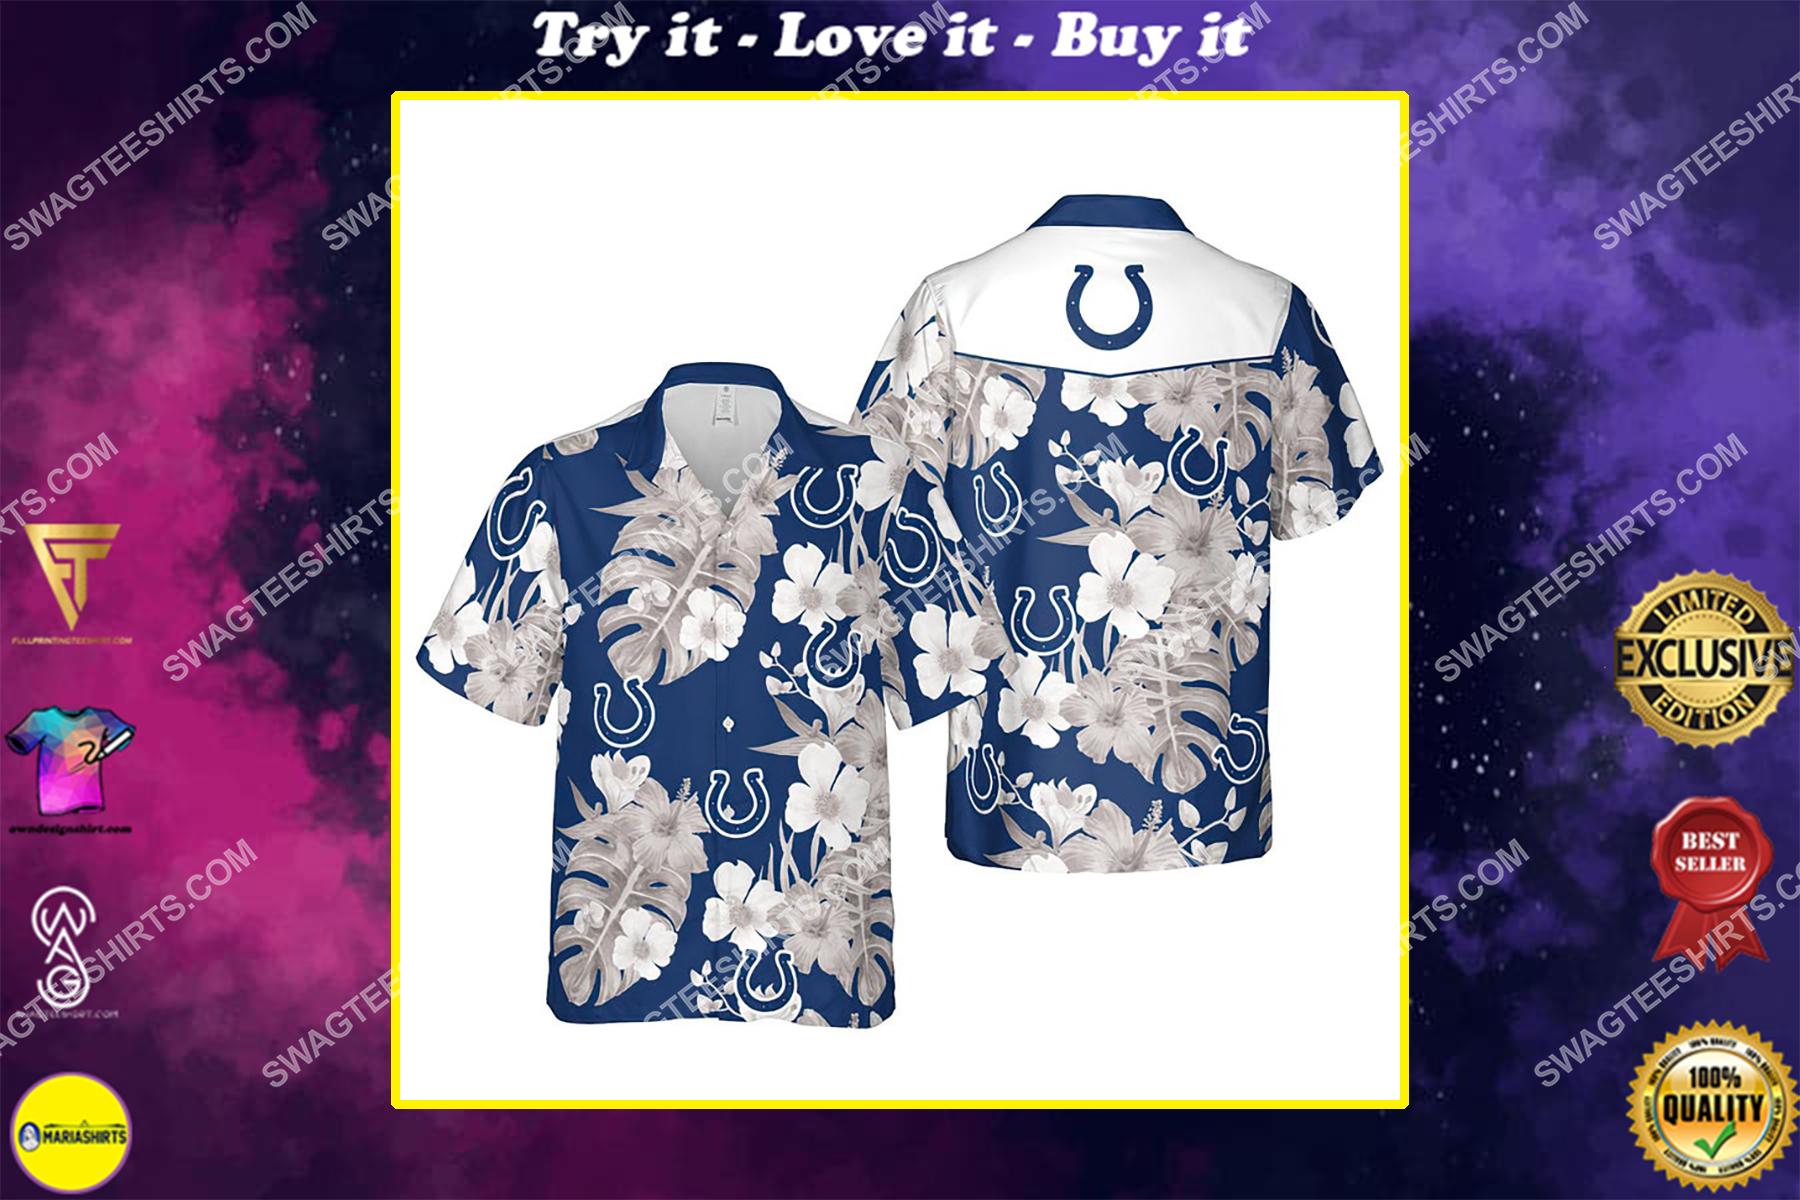 Floral indianapolis colts nfl summer vacation hawaiian shirt